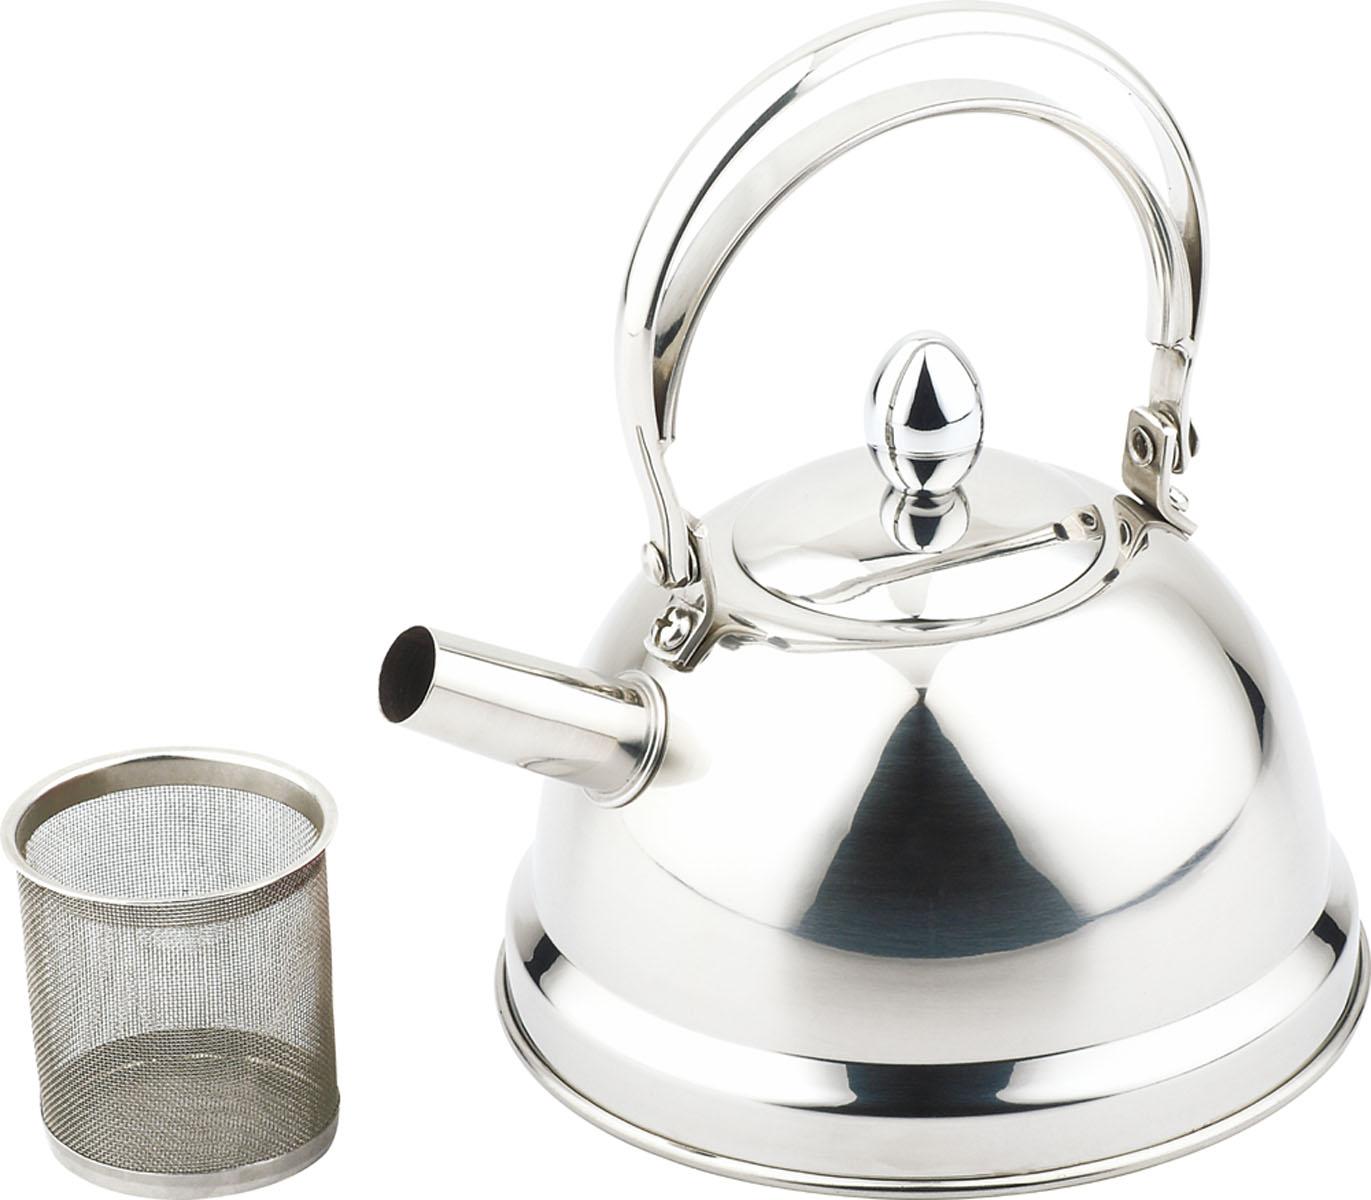 Чайник заварочный Bekker De Luxe, с ситечком, 0,8 л. BK-S441BK-S441Чайник Bekker De Luxe выполнен из высококачественной нержавеющей стали, что обеспечивает долговечность использования. Внешнее зеркальное покрытие придает приятный внешний вид. Капсулированное дно распределяет тепло по всей поверхности, что позволяет чайнику быстро закипать. Эргономичная подвижная ручка выполнена из нержавеющей стали. Чайник снабжен ситечком для заваривания. Можно мыть в посудомоечной машине. Пригоден для всех видов плит, включая индукционные. Диаметр (по верхнему краю): 5 см.Высота чайника (без учета крышки и ручки): 8,5 см.Высота чайника (с учетом крышки): 17,5 см.Диаметр основания: 14 см. Толщина стенки: 0,5 мм.Высота ситечка: 5,5 см.